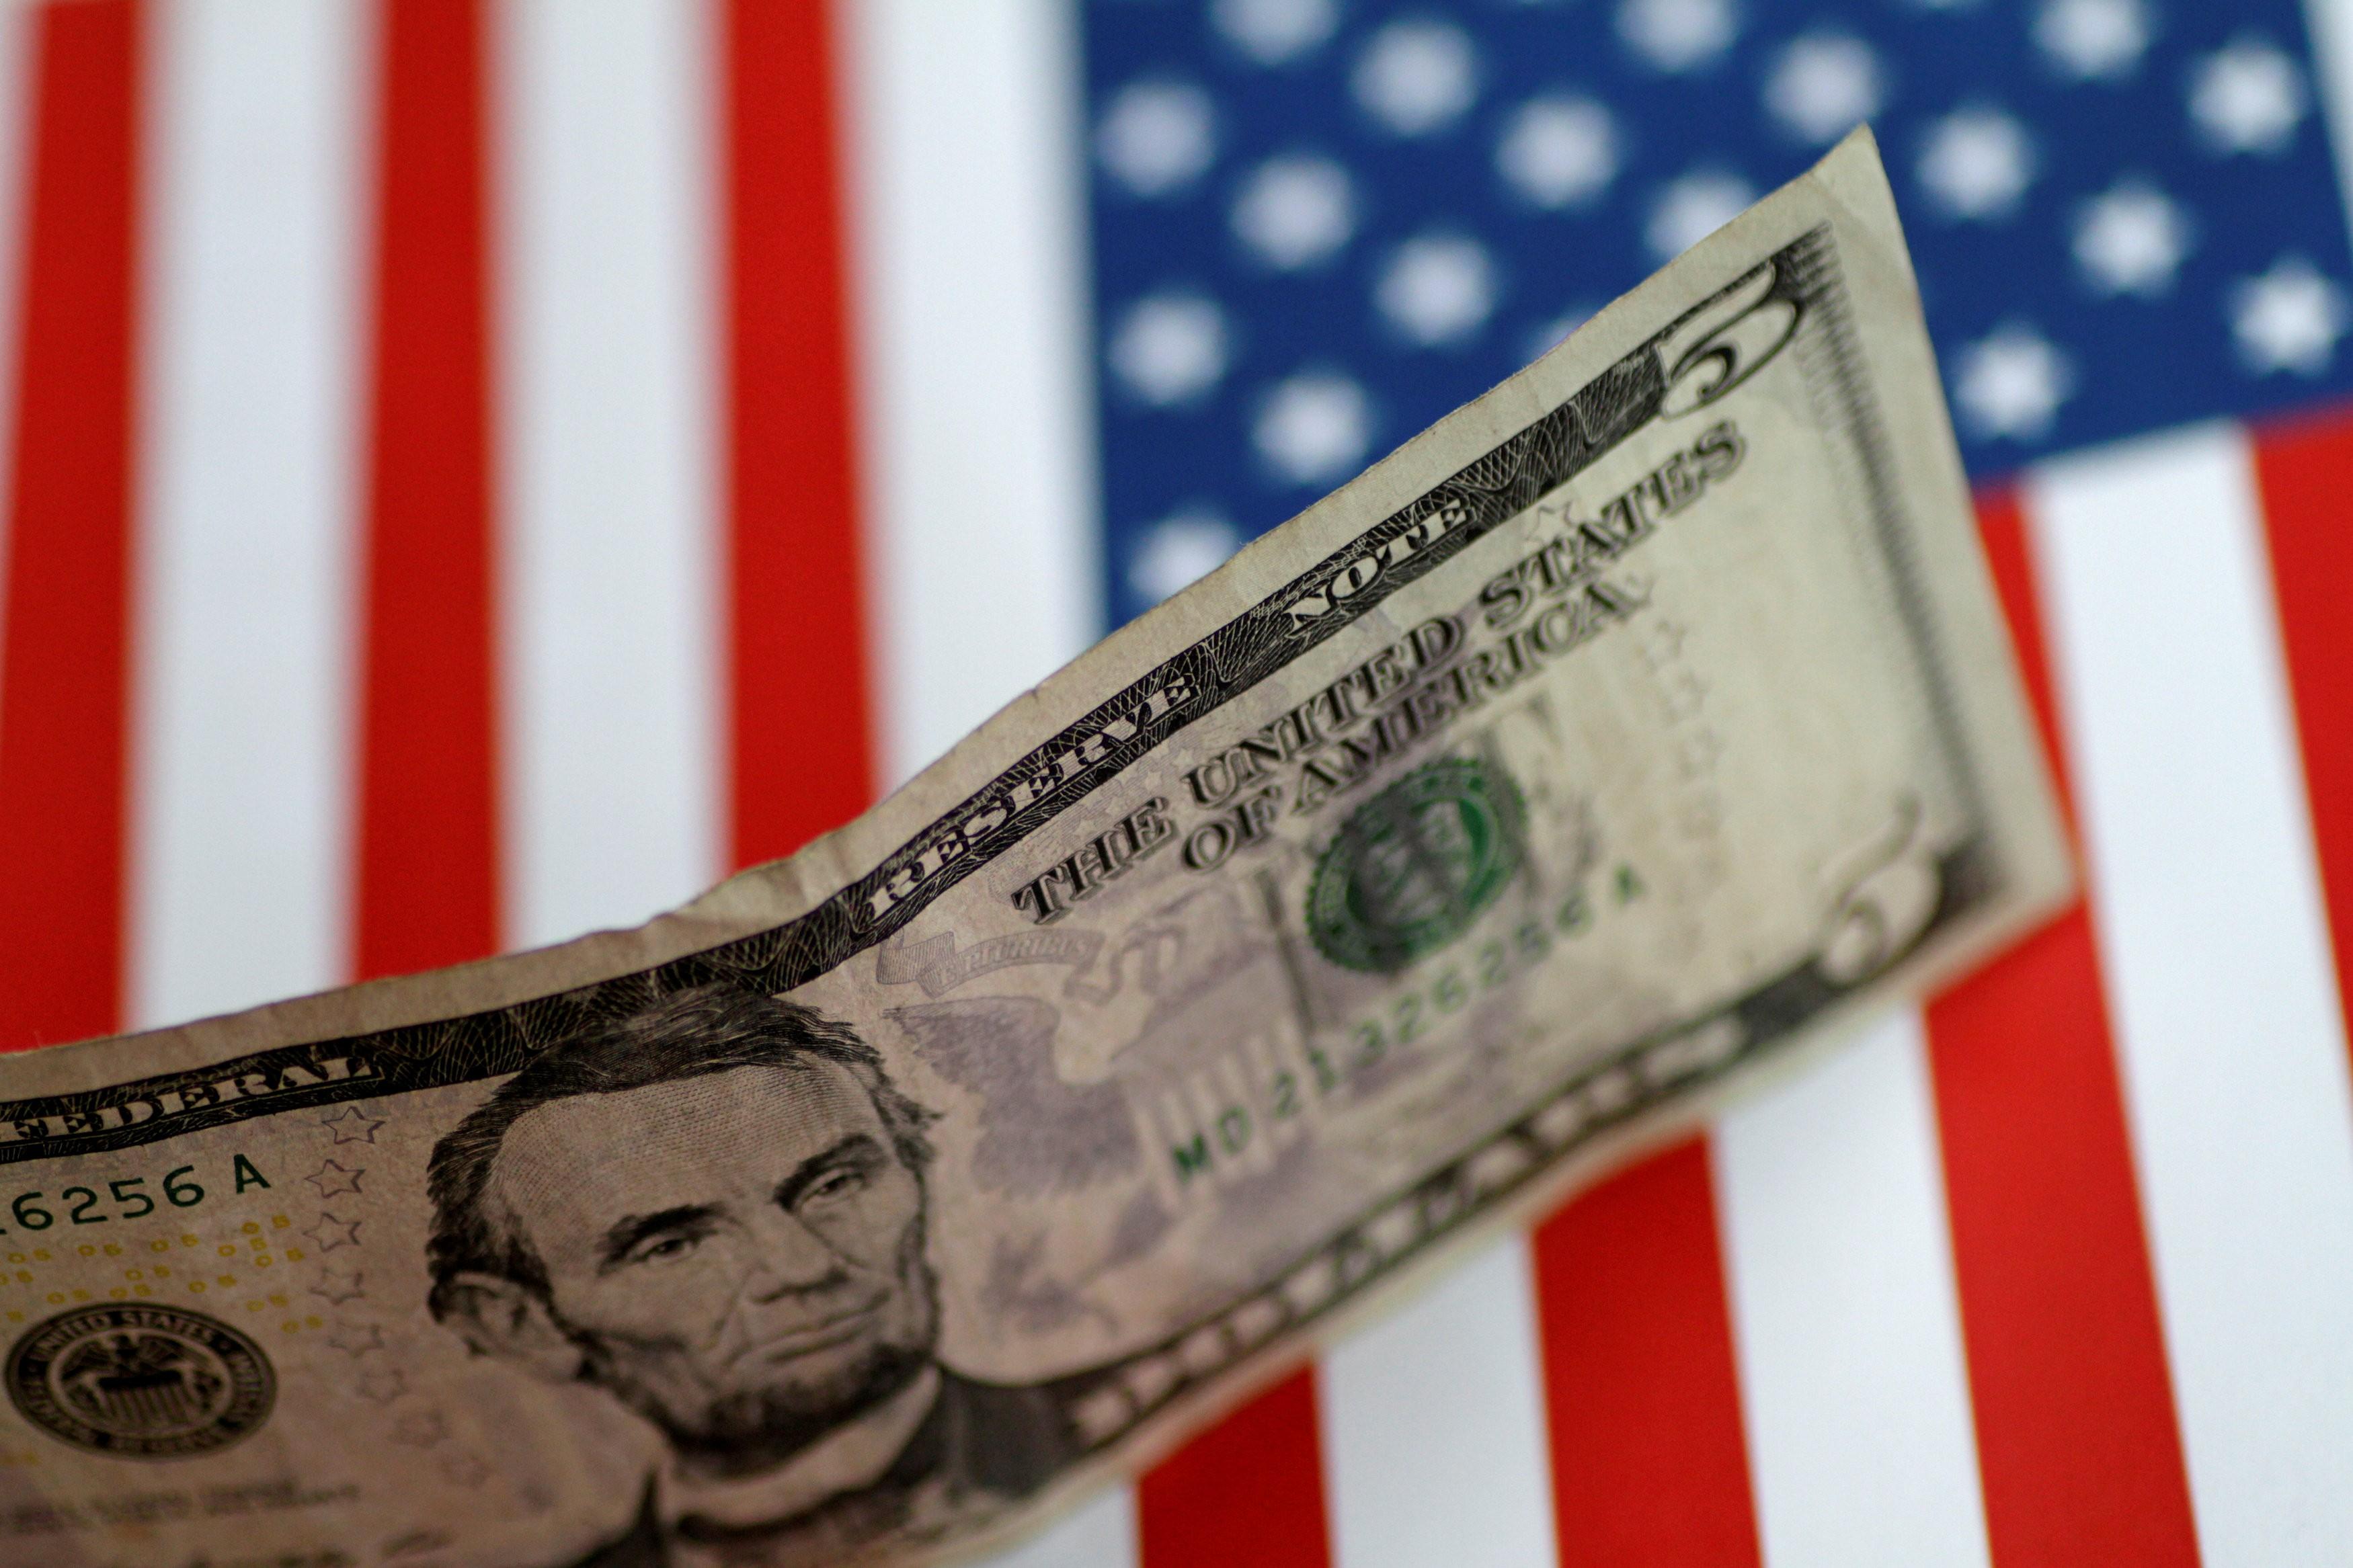 Dólar interrompe seis altas seguidas e fecha em queda nesta quarta - Noticias